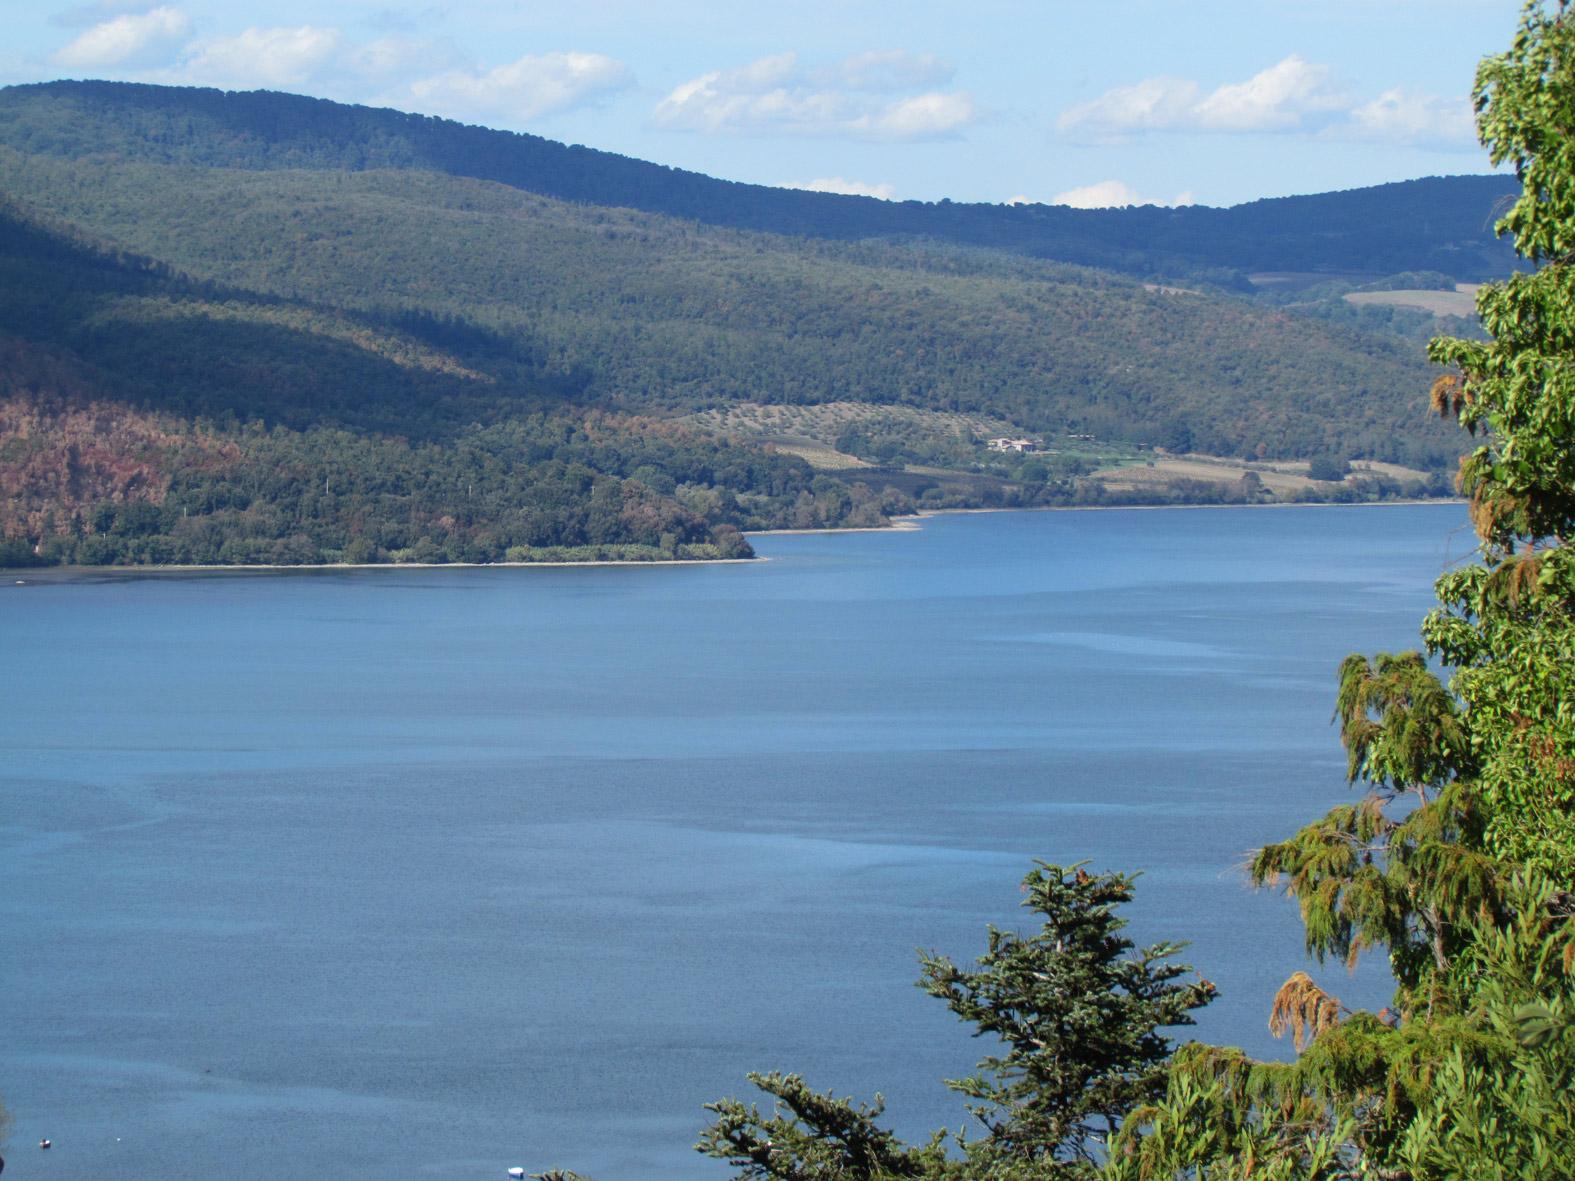 Acqua e Lago di Bracciano: per il Comitato Difesa del Bacino è urgente la programmazione